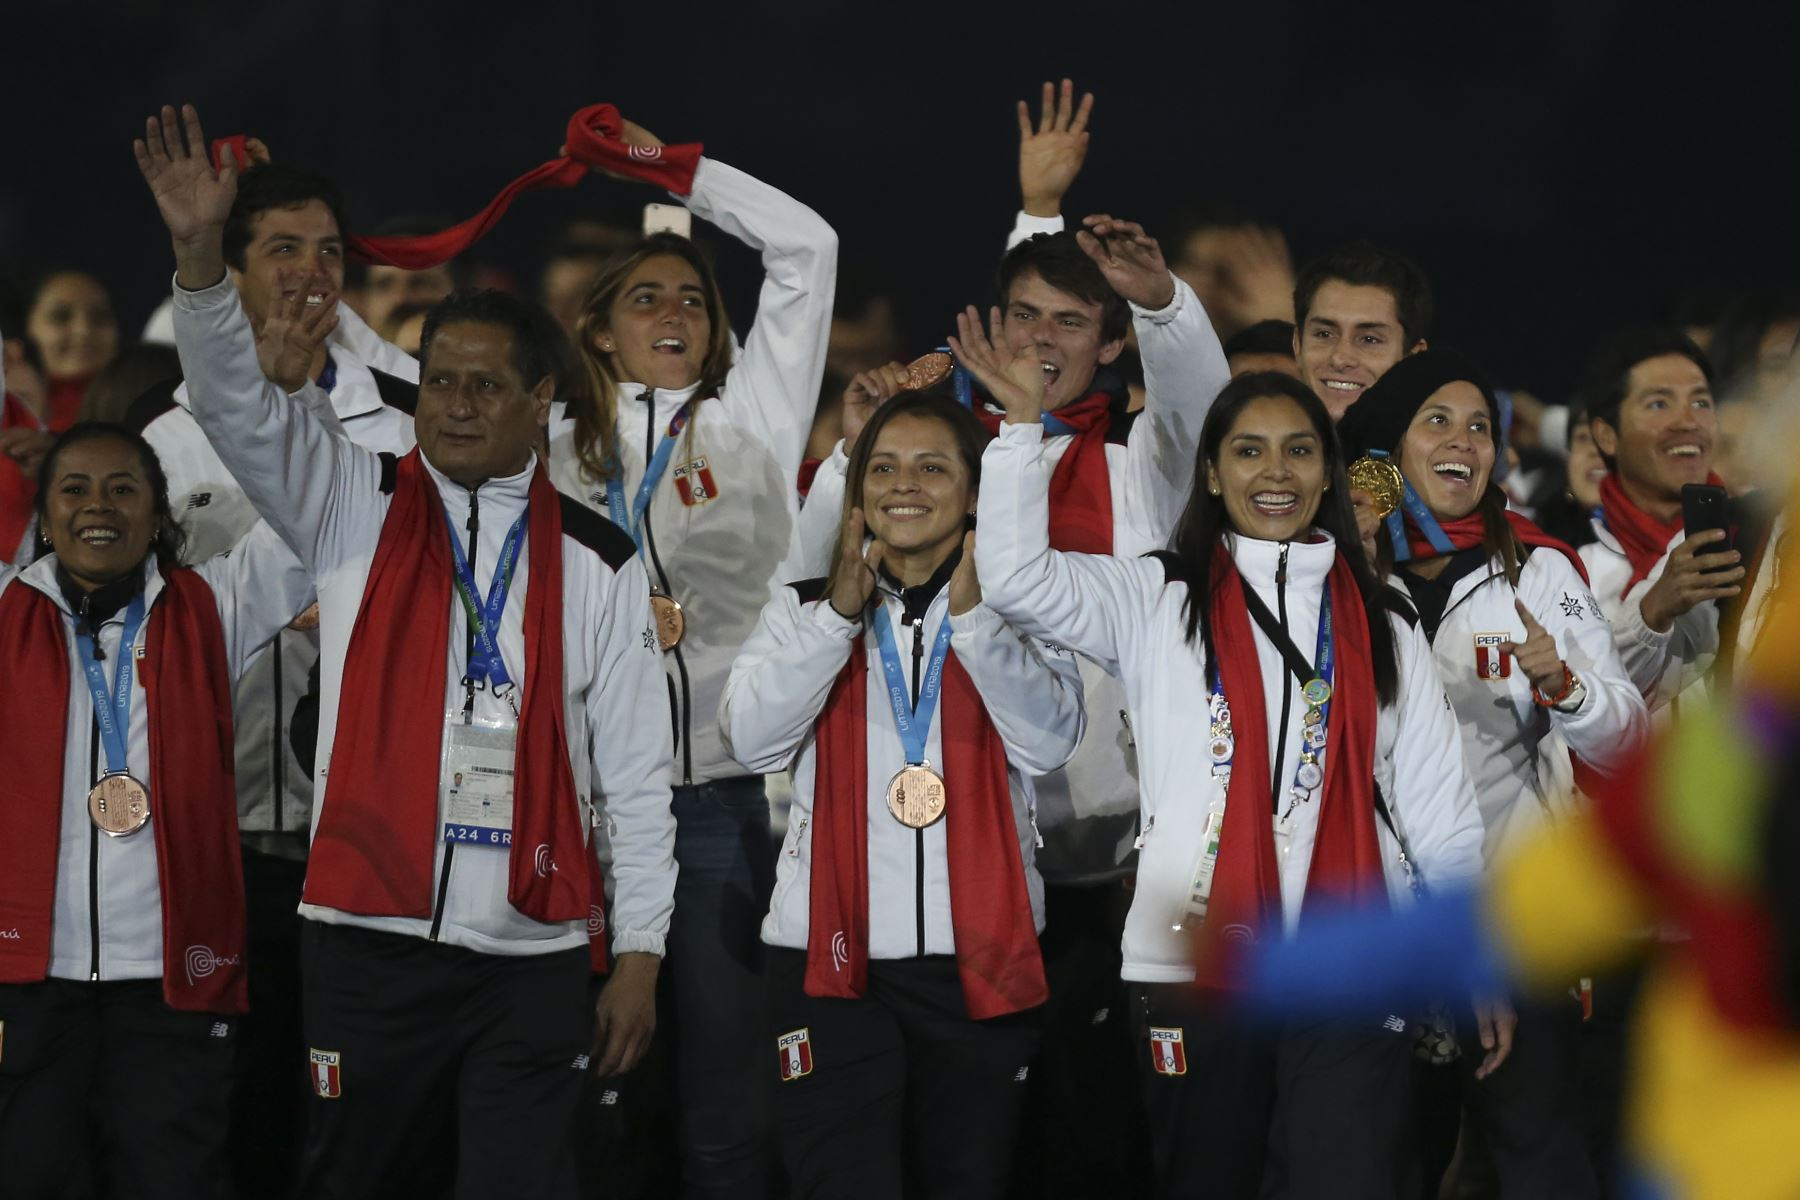 La delegación de Perú participa en el Desfile de las Naciones durante la ceremonia de clausura de los Juegos Panamericanos de Lima 2019 en Lima el 11 de agosto de 2019. AFP